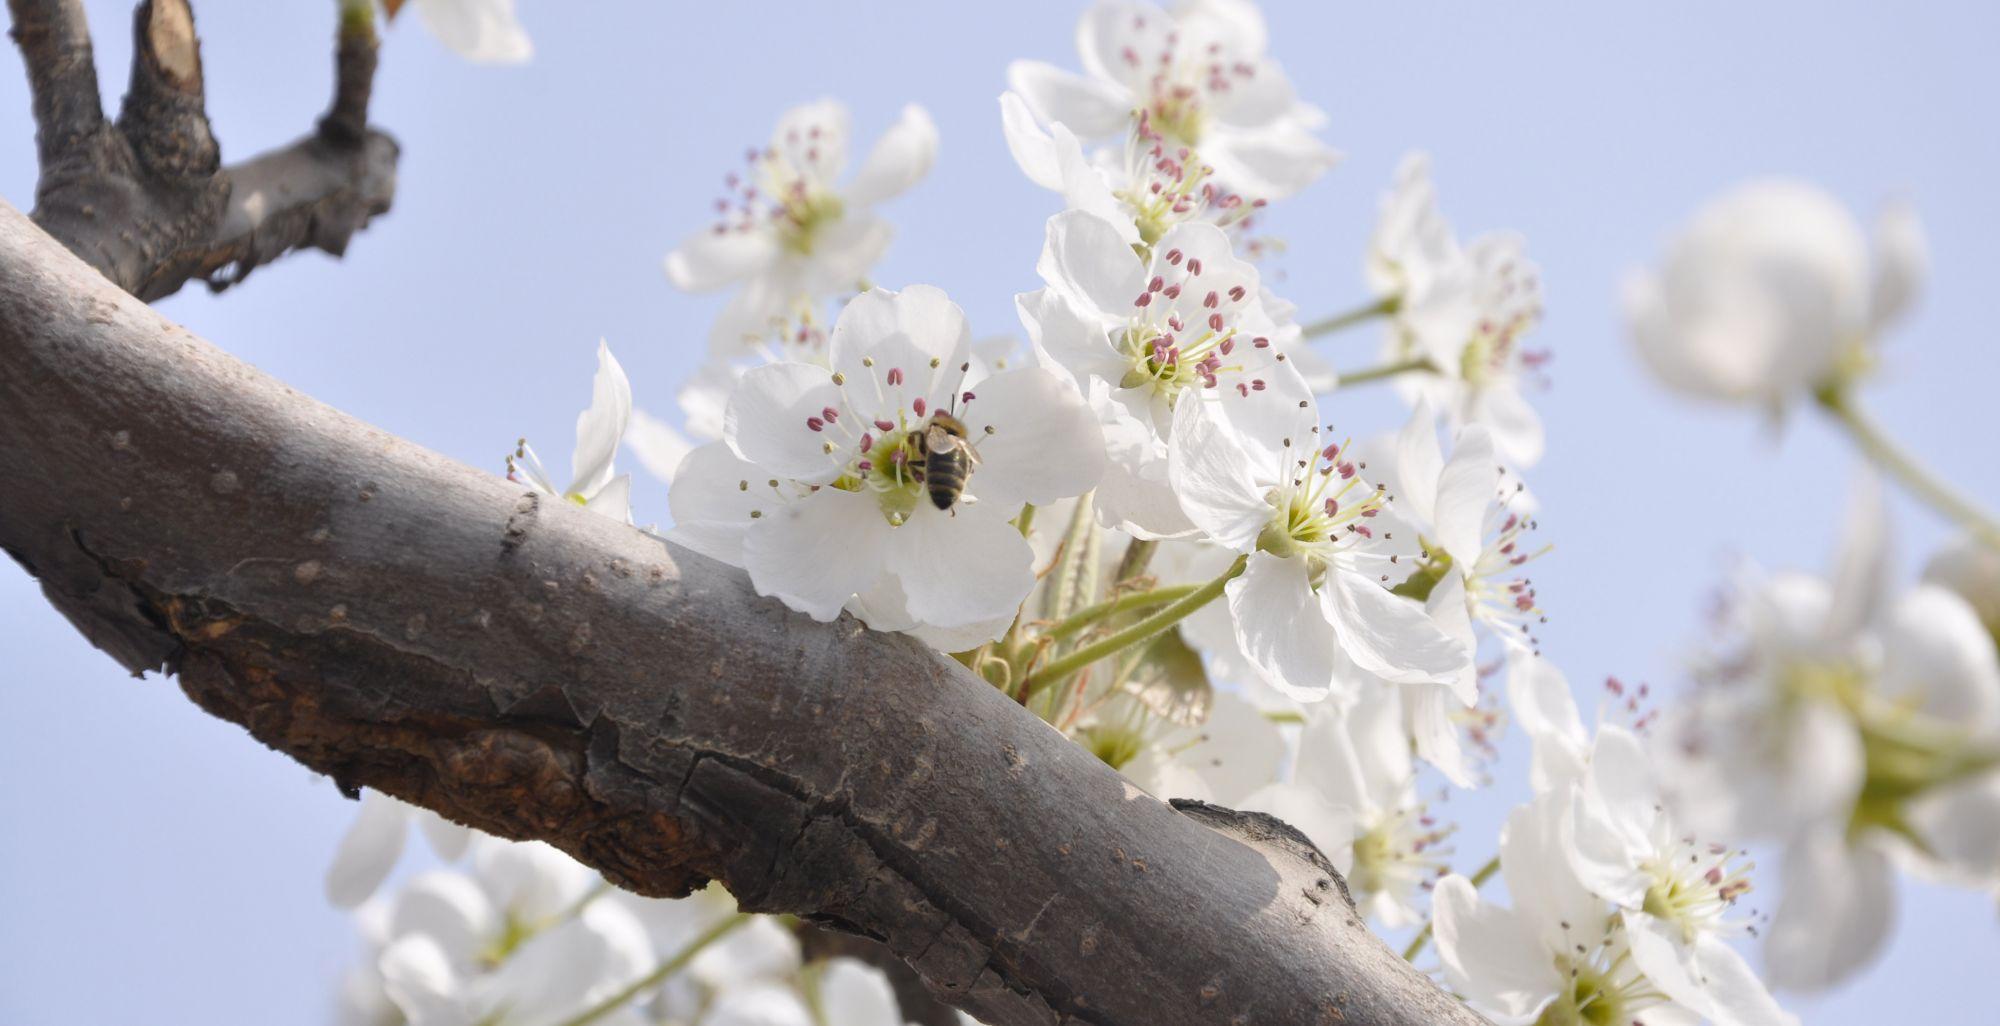 美爆了!冠县万亩梨花竟相绽放 铺玉堆雪如游仙境(组图)